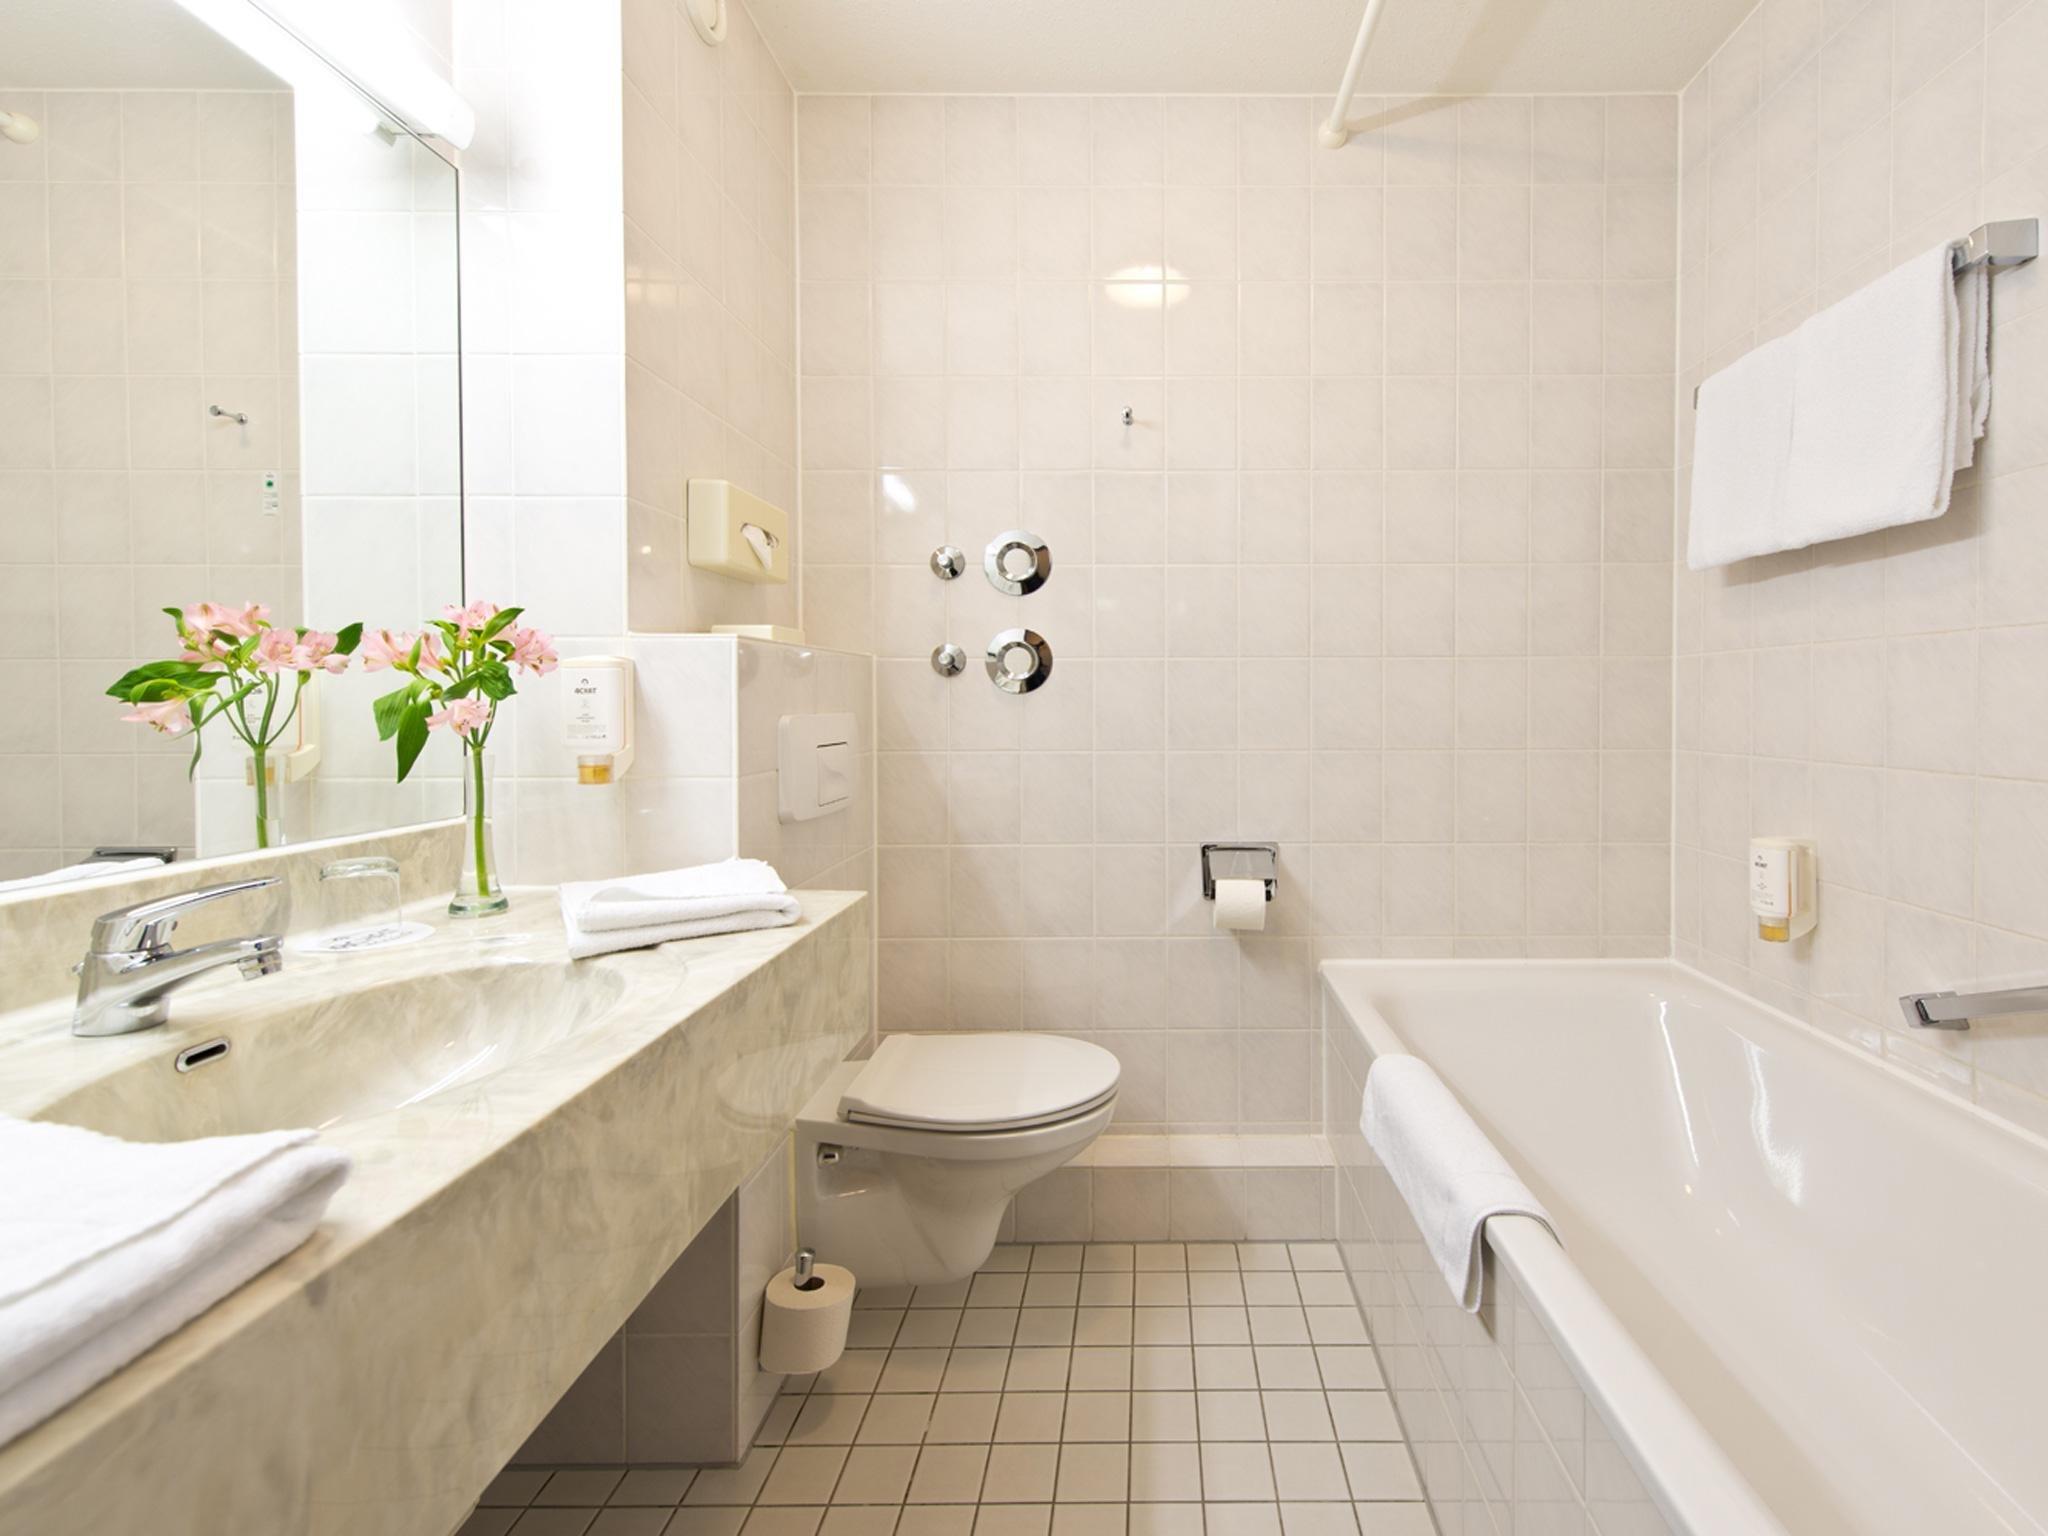 Achat erlebnis kulturstadt dresden im achat comfort for Badezimmer quelle